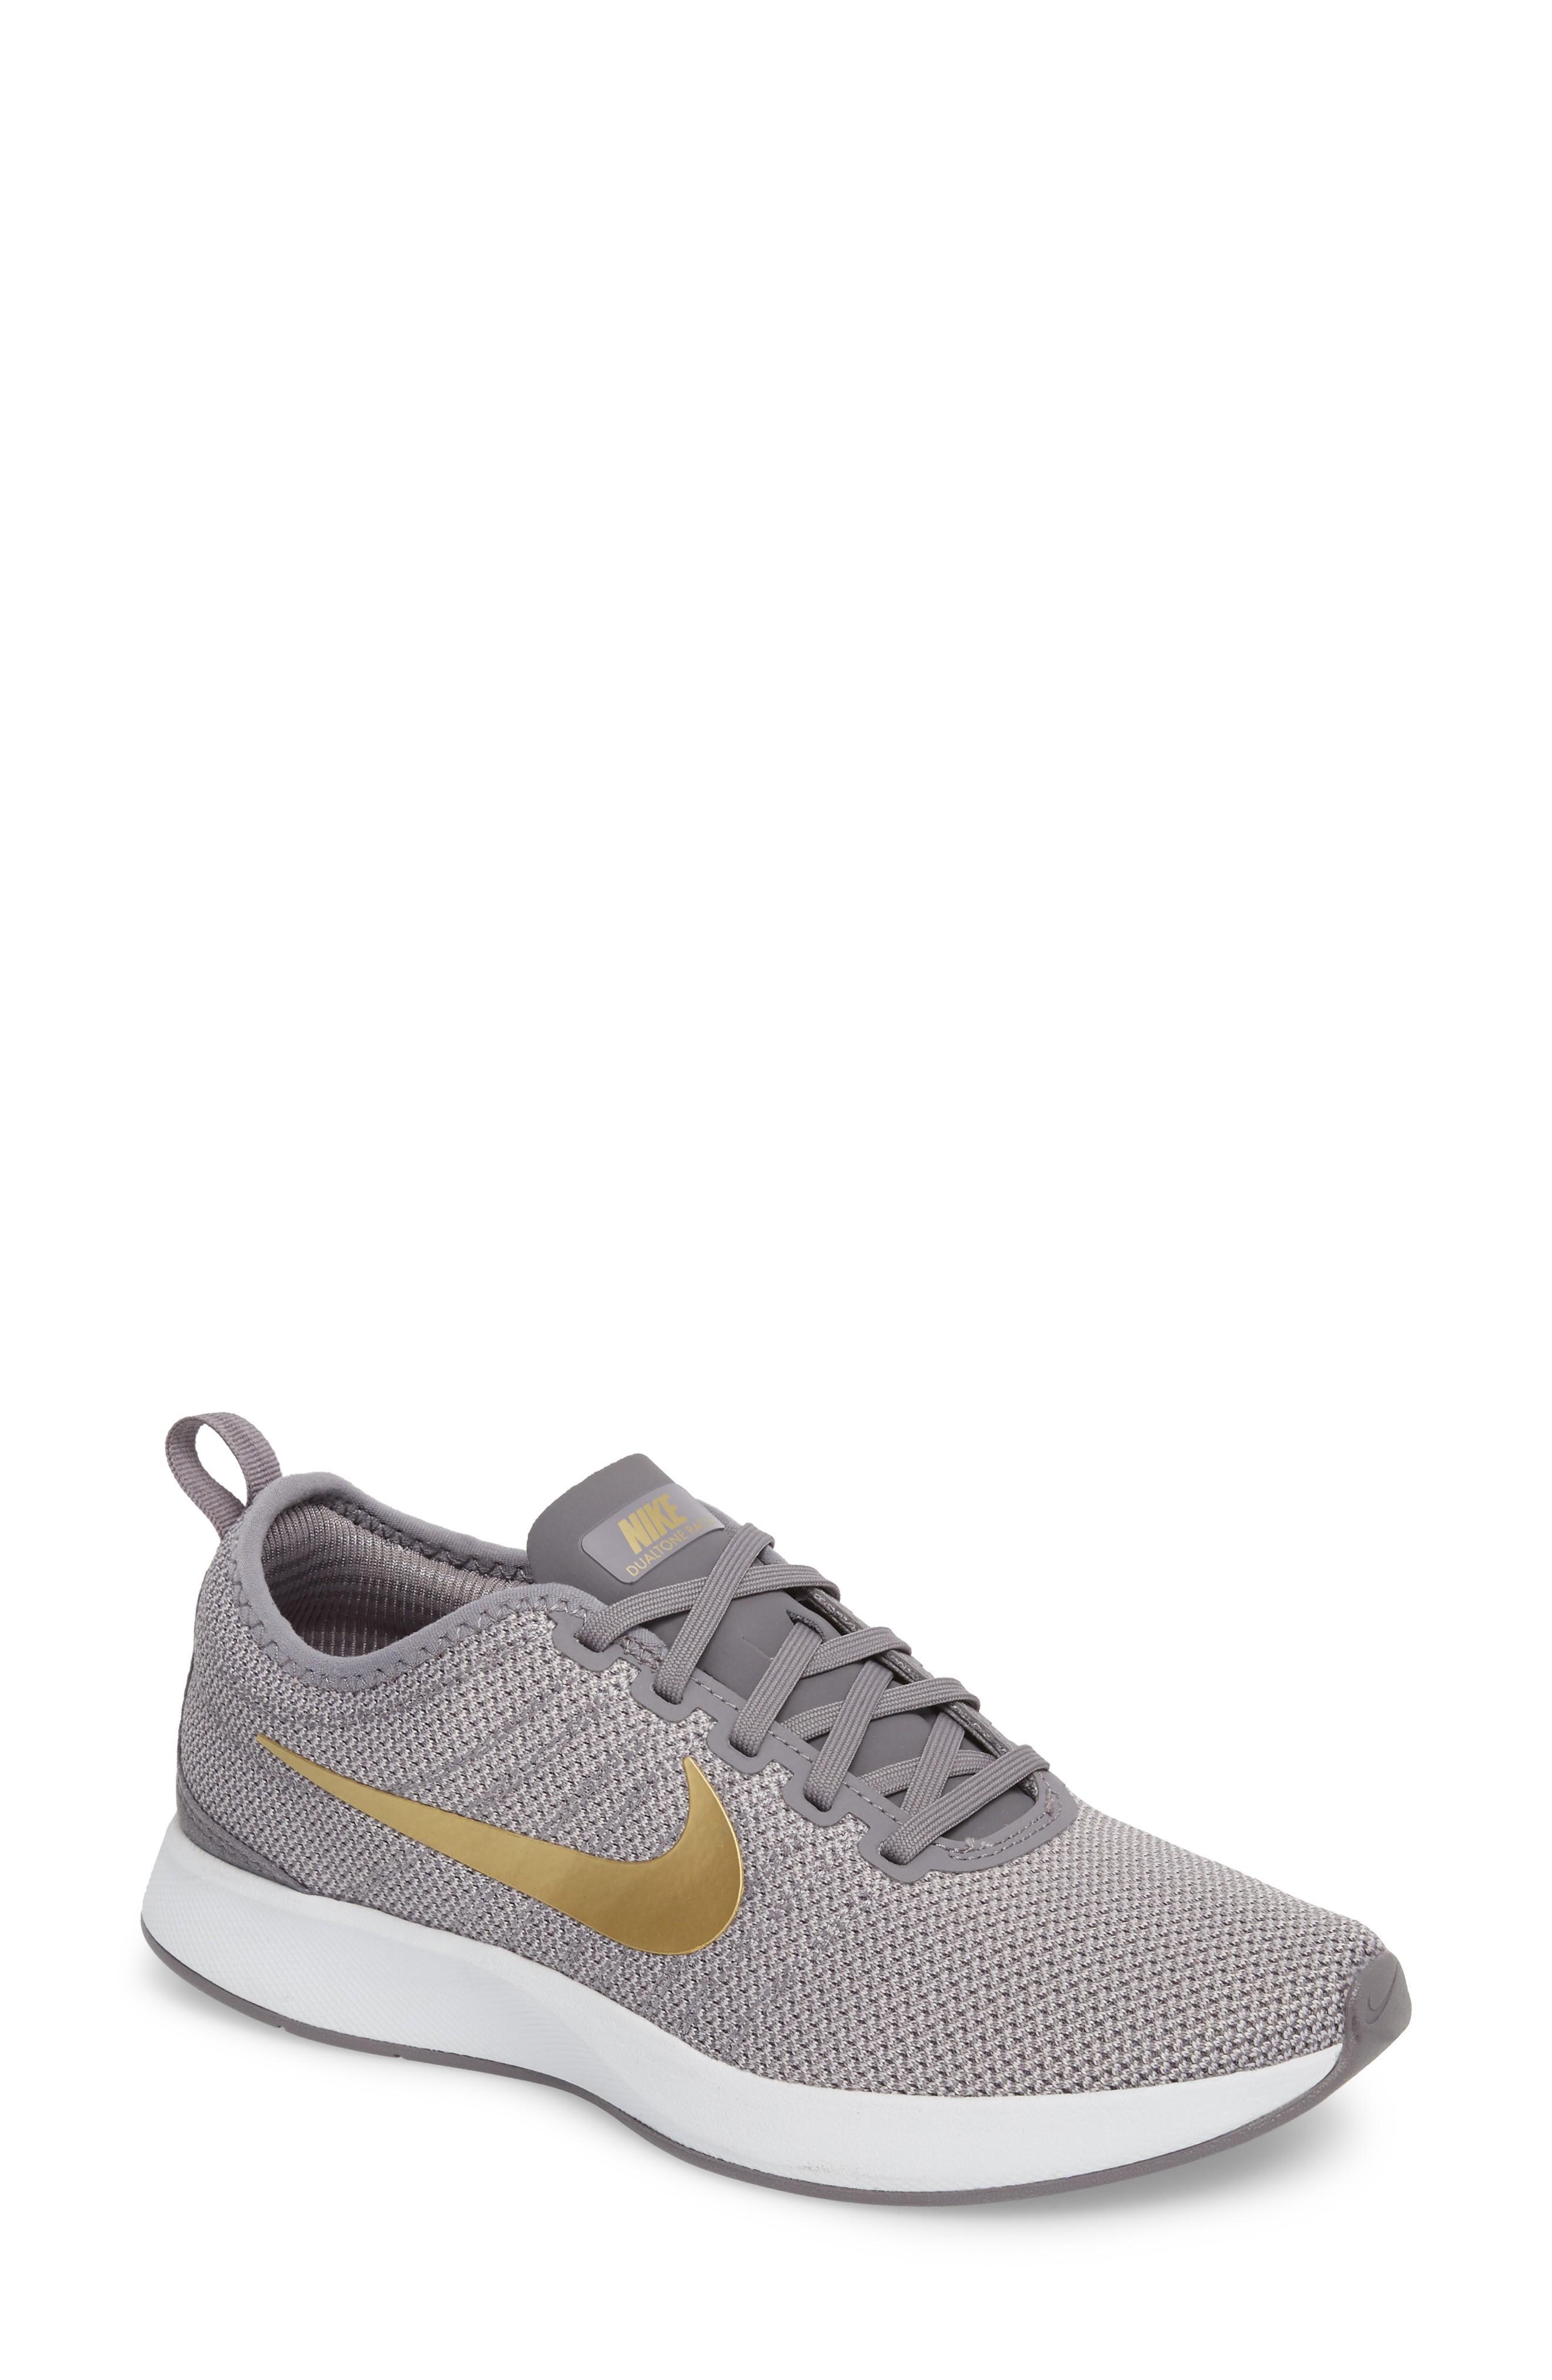 02c6dd3f5fe Nike Dualtone Racer Se Sneaker In Smoke  Metallic Gold